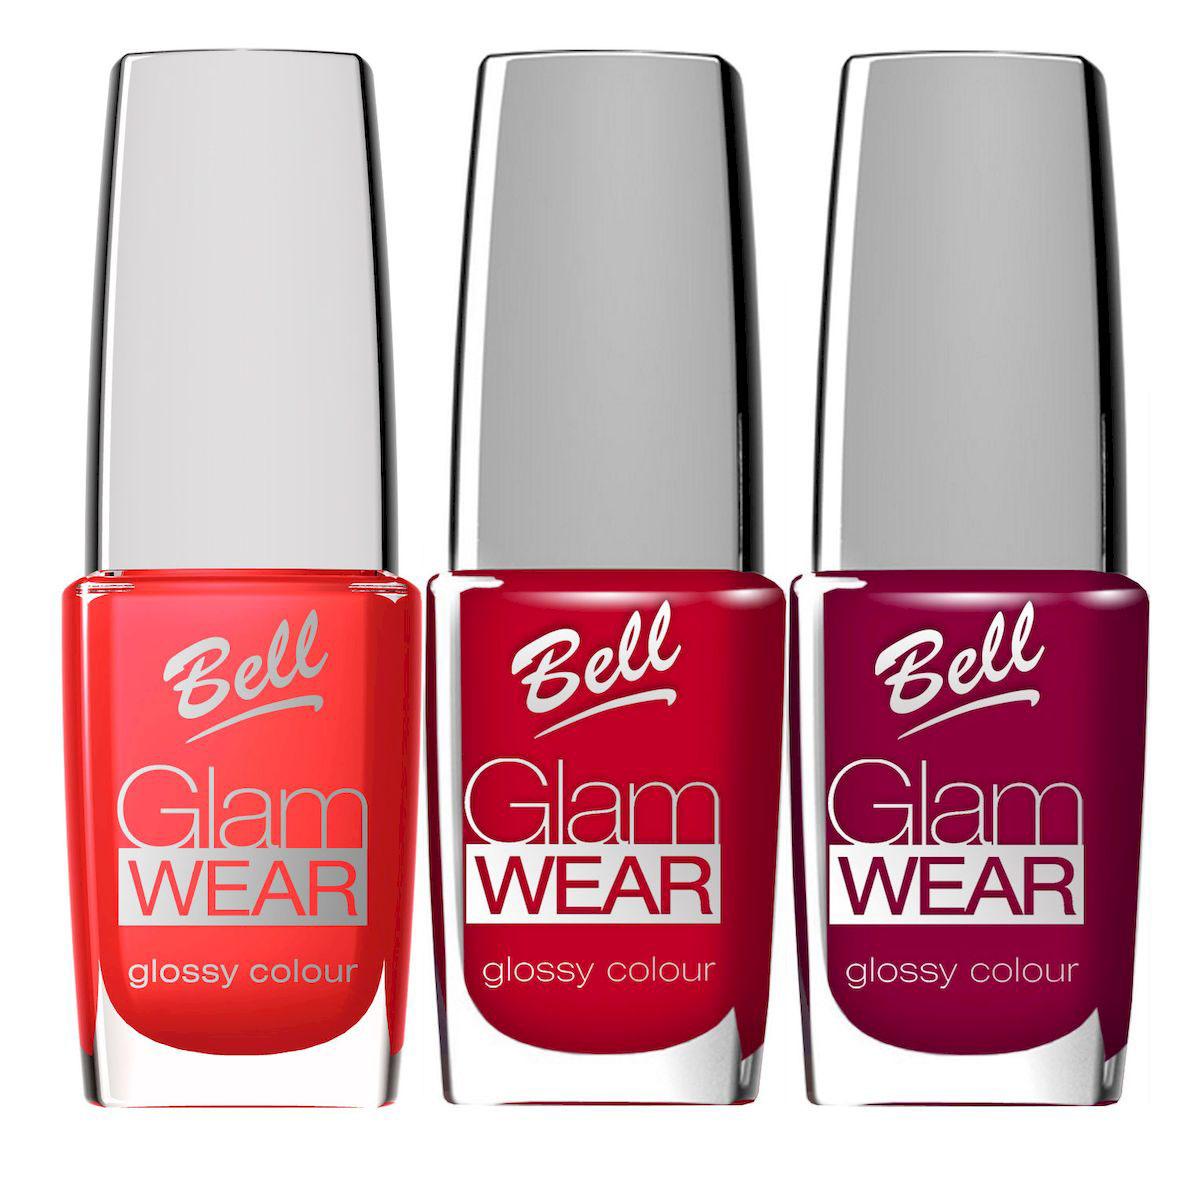 Bell Набор устойчивых лаков для ногтей с глянцевым эффектом Glam Wear Nail: тон №404 , тон №405, тон №406, 30 млBsp21Устойчивый лак для ногтей.